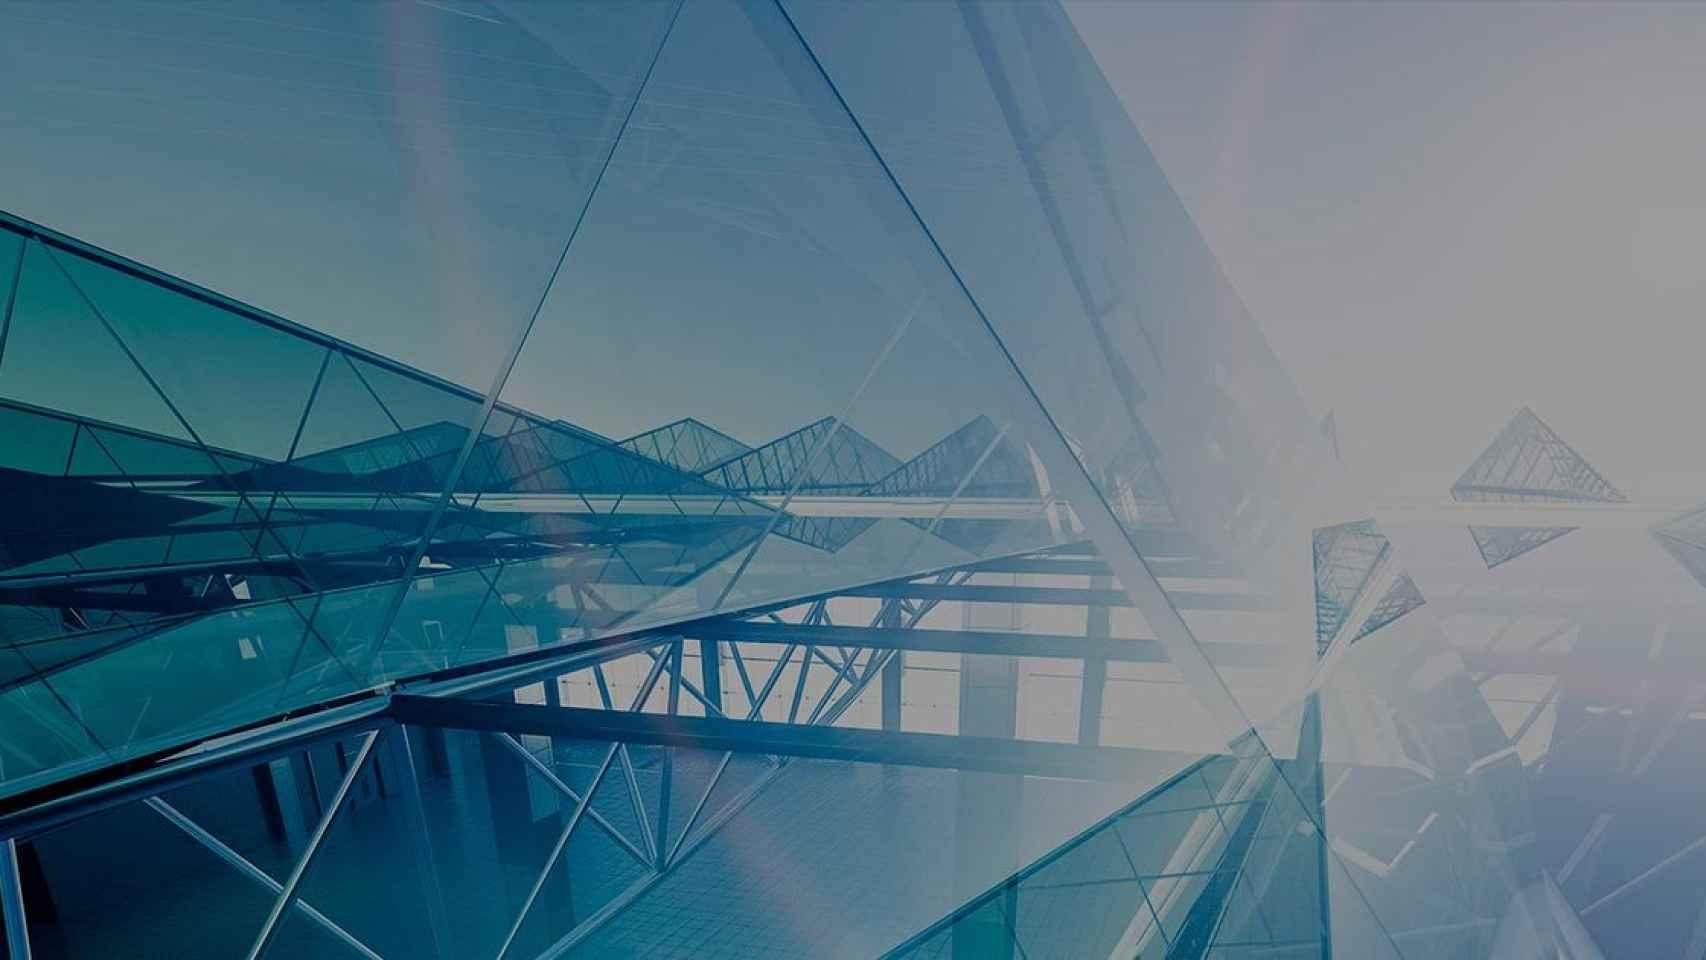 Sacyr convoca iChallenges, un programa de innovación abierta y colaborativa